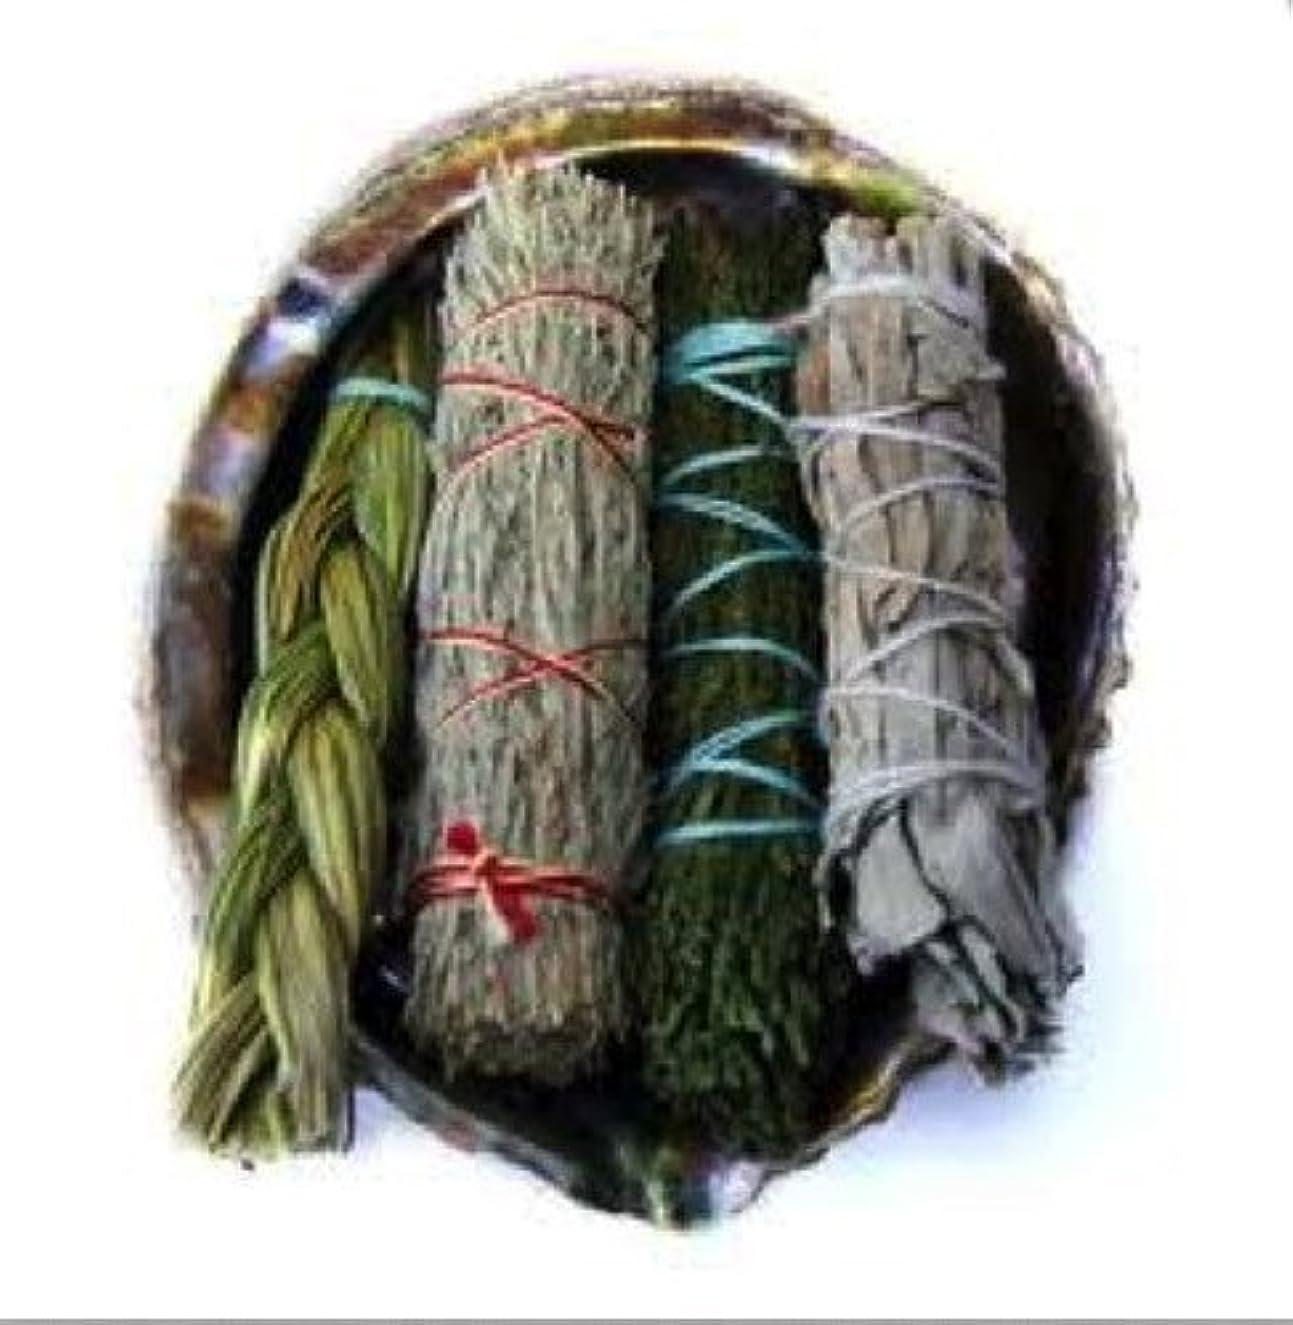 教科書勝利したトランスミッションOfferings SmudgeキットIncludes Large Abaloneシェル、Sweetgrass三つ編み、ホワイトセージ、砂漠セージ、CedarセージSticks Plus砂